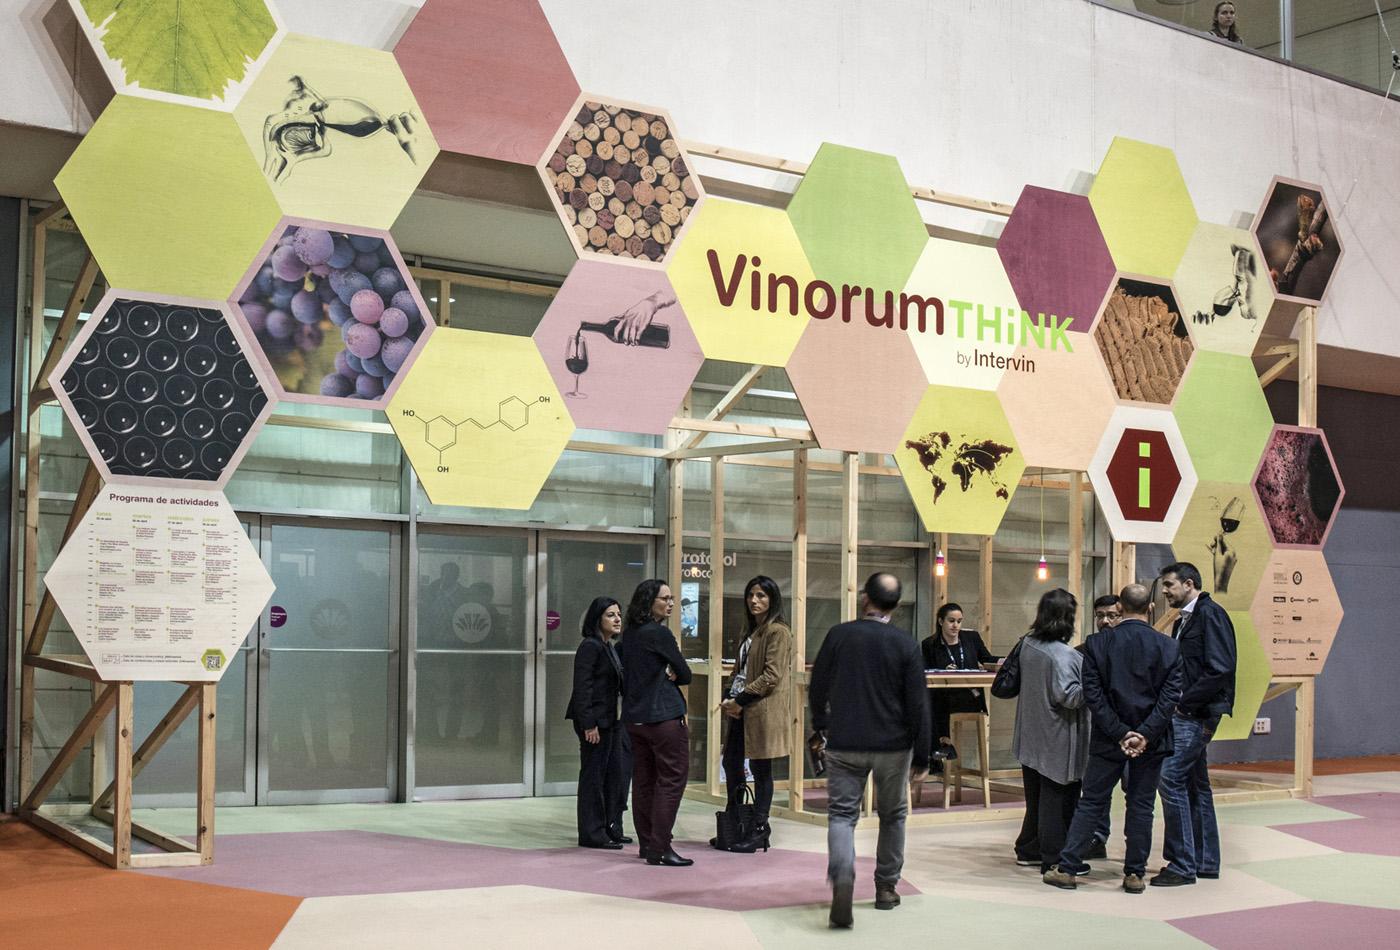 entrada-vinorum-think-creartiva-the-alimentaria-experience